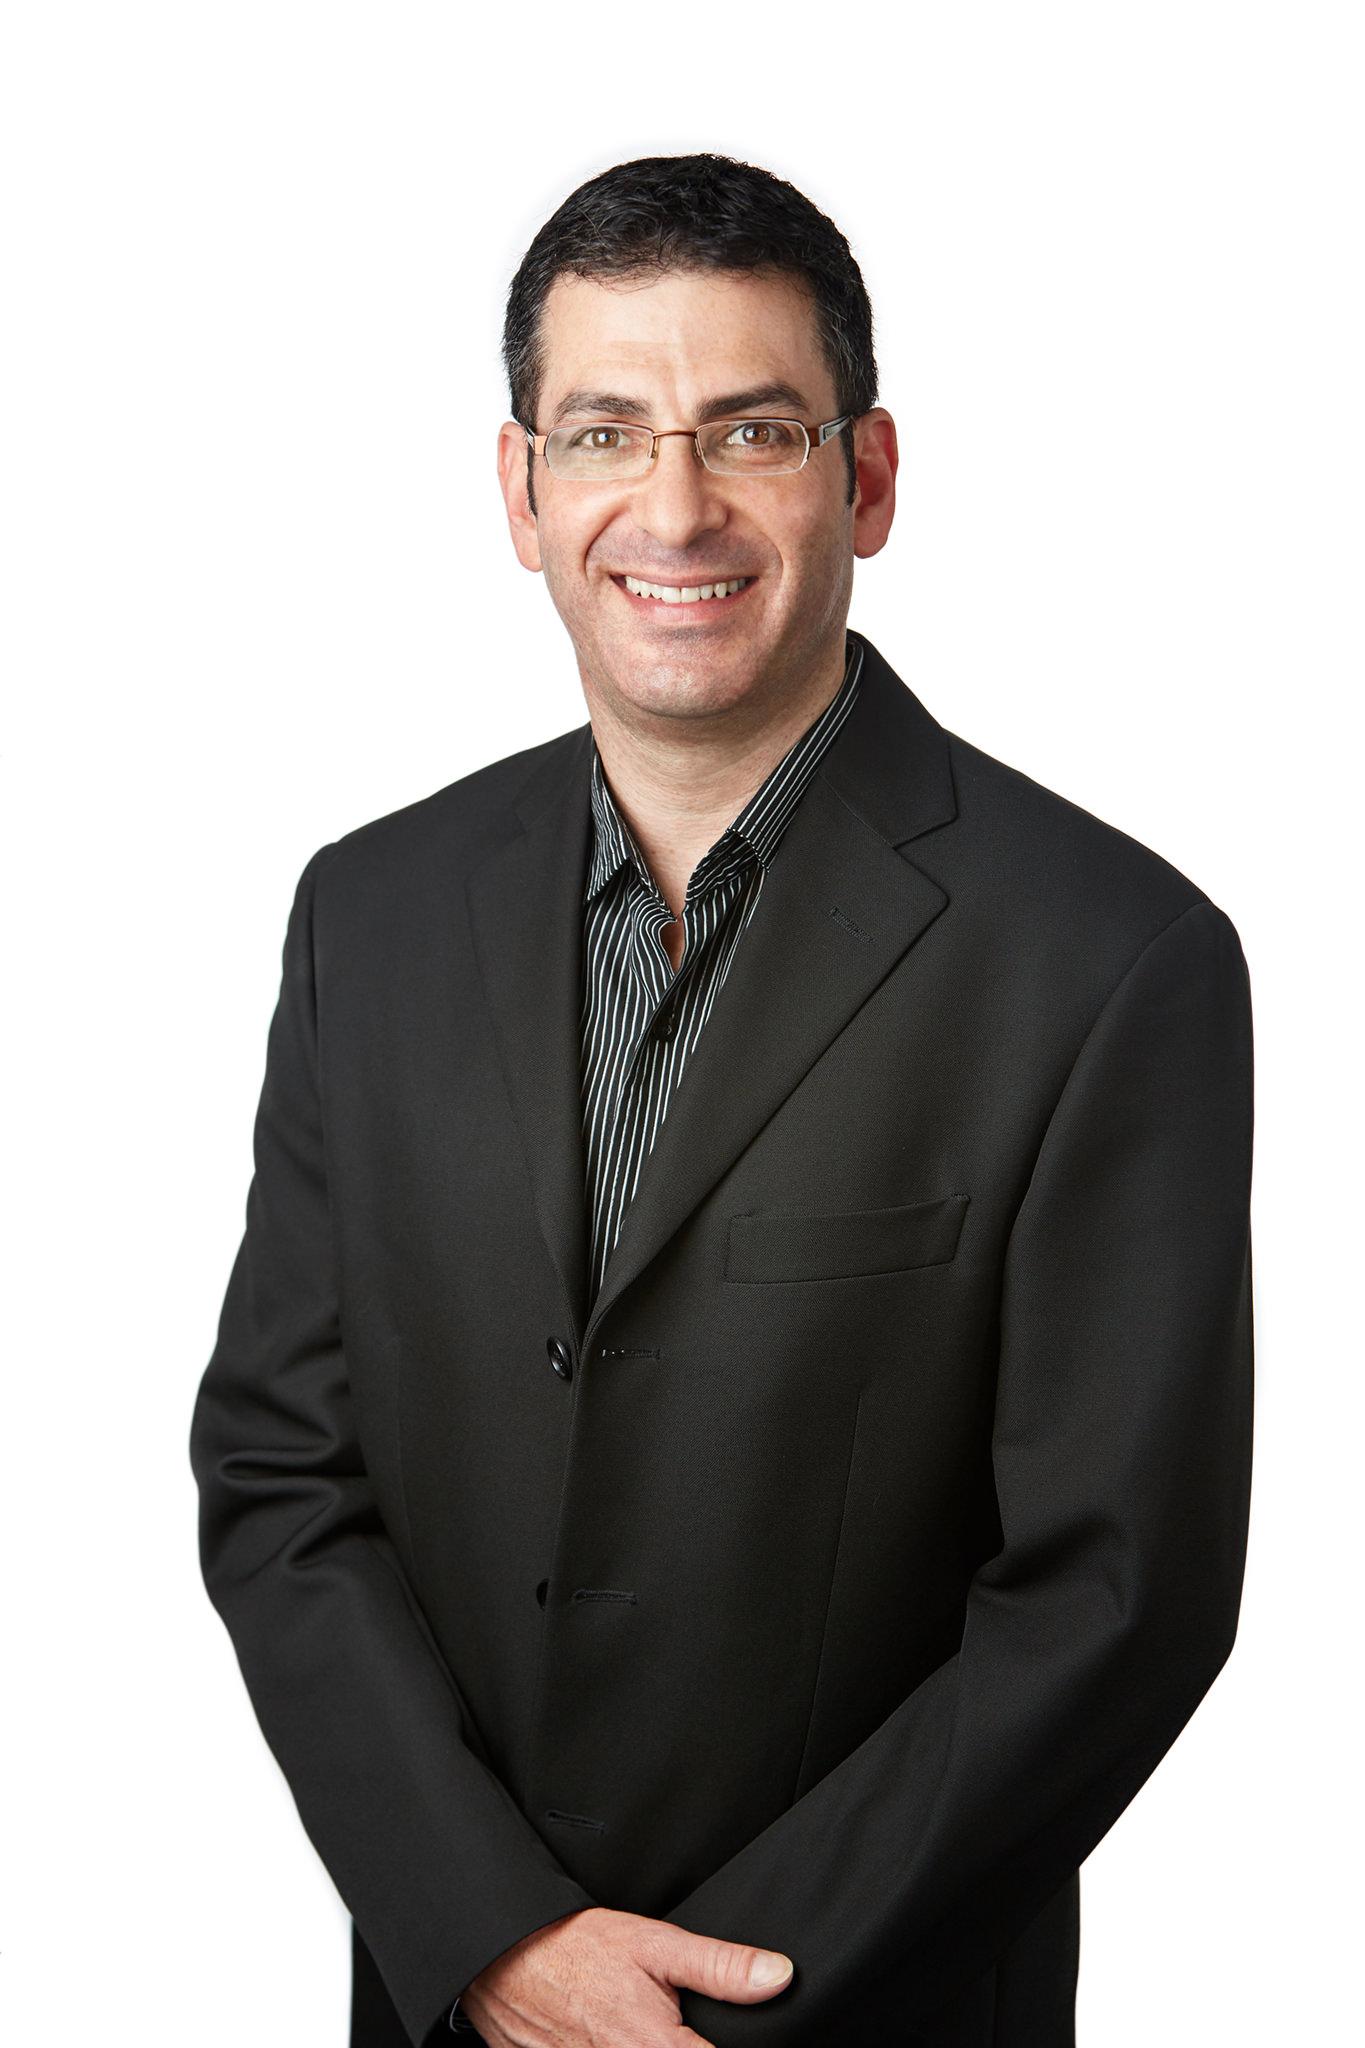 Owen Grauman